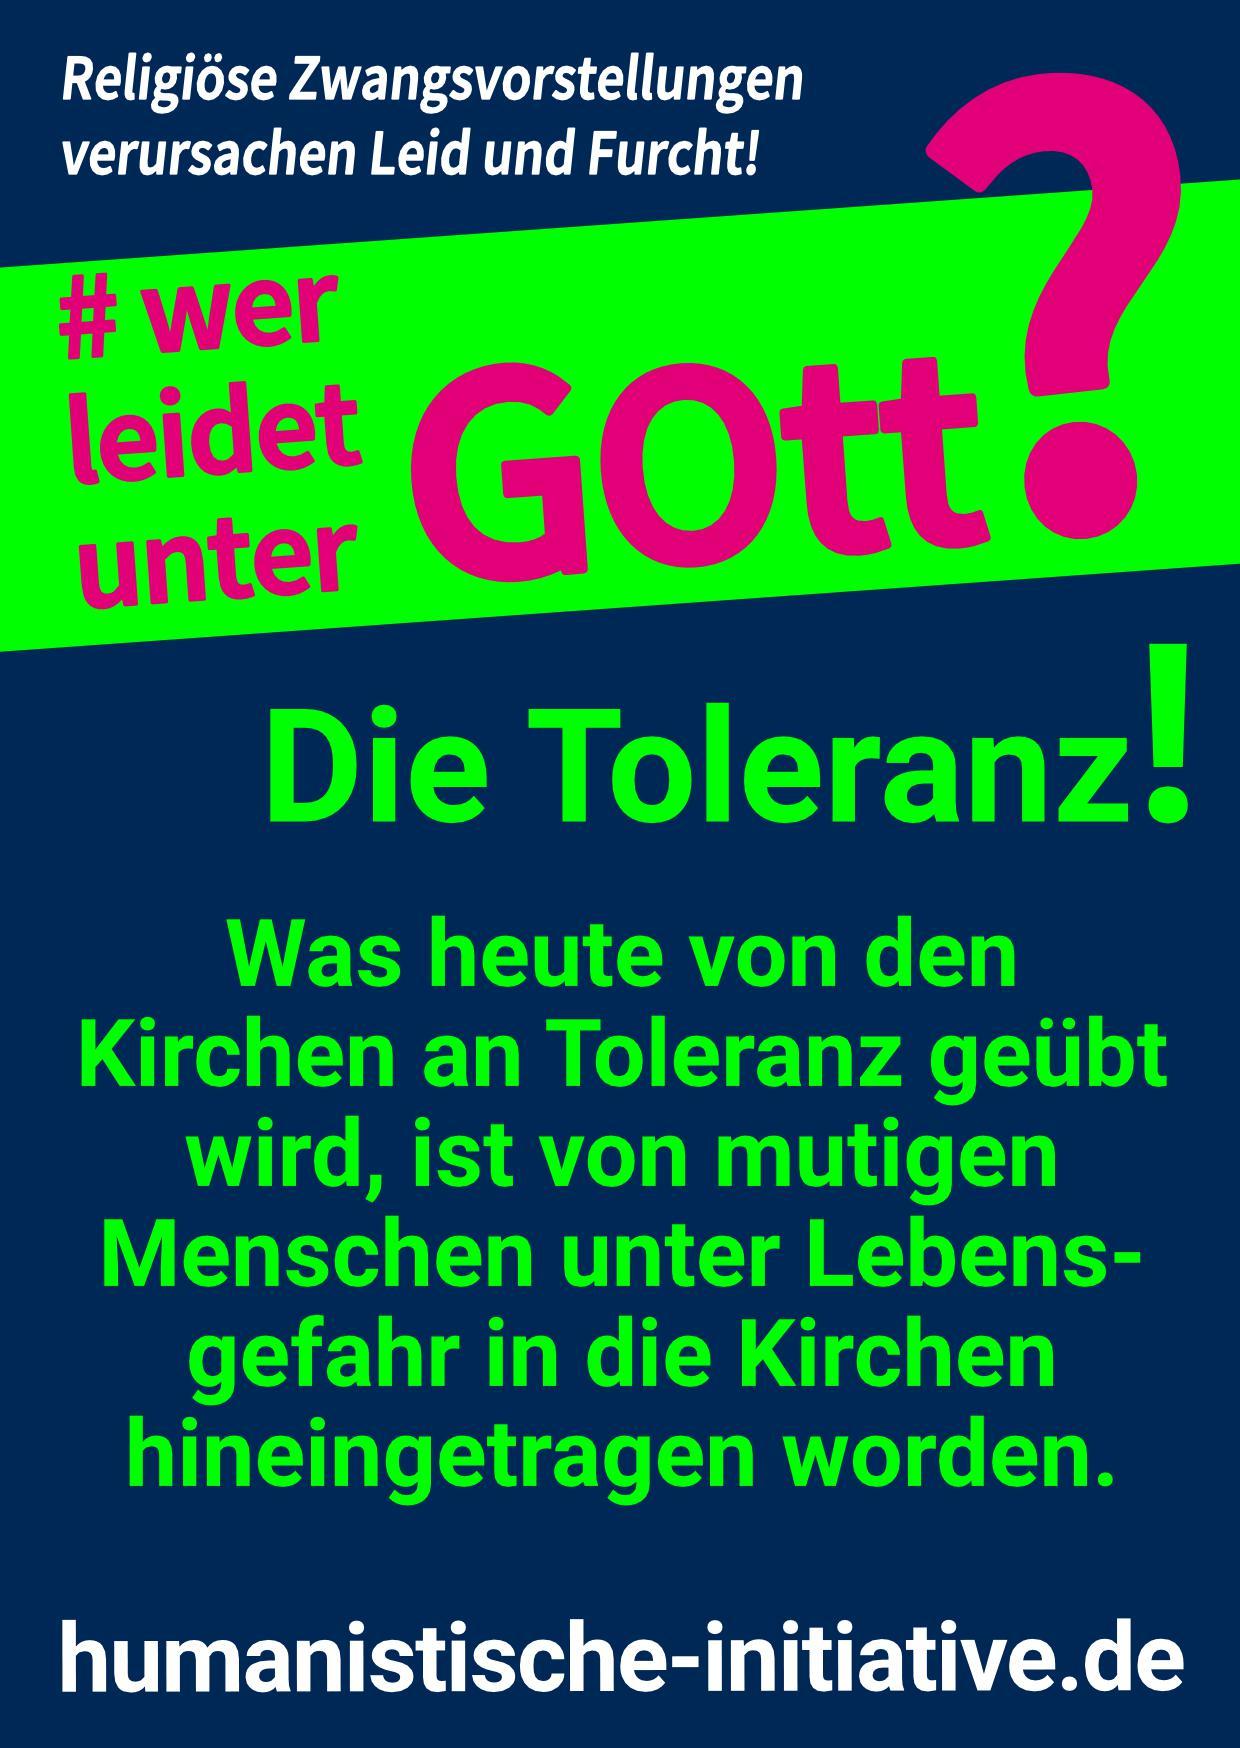 02. Die Toleranz